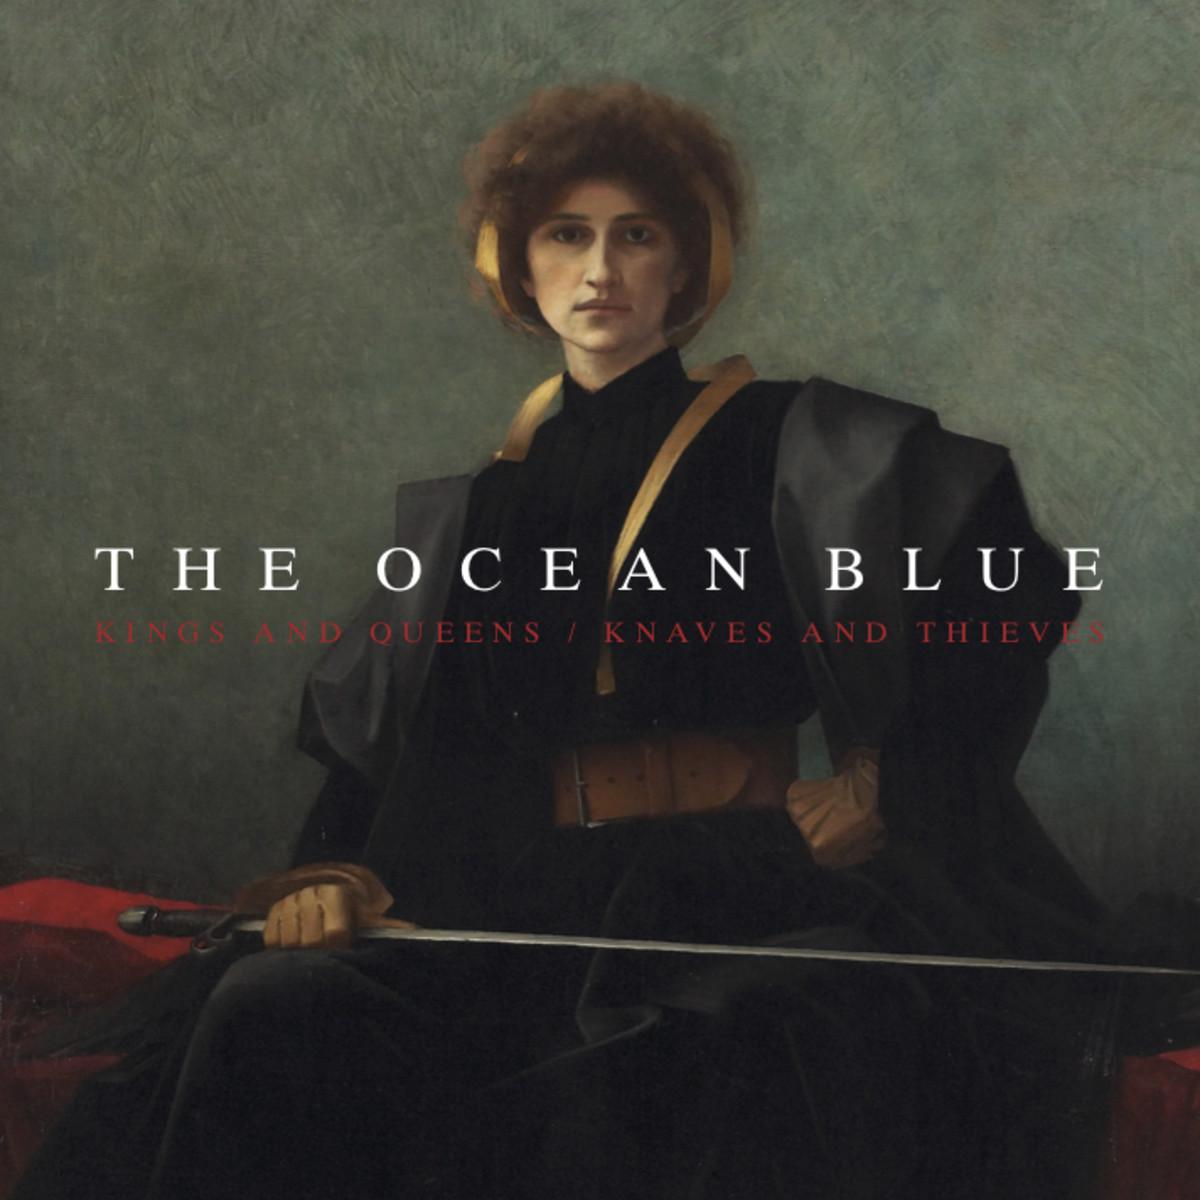 Sailing the Ocean Blue: An Interview With David Schelzel